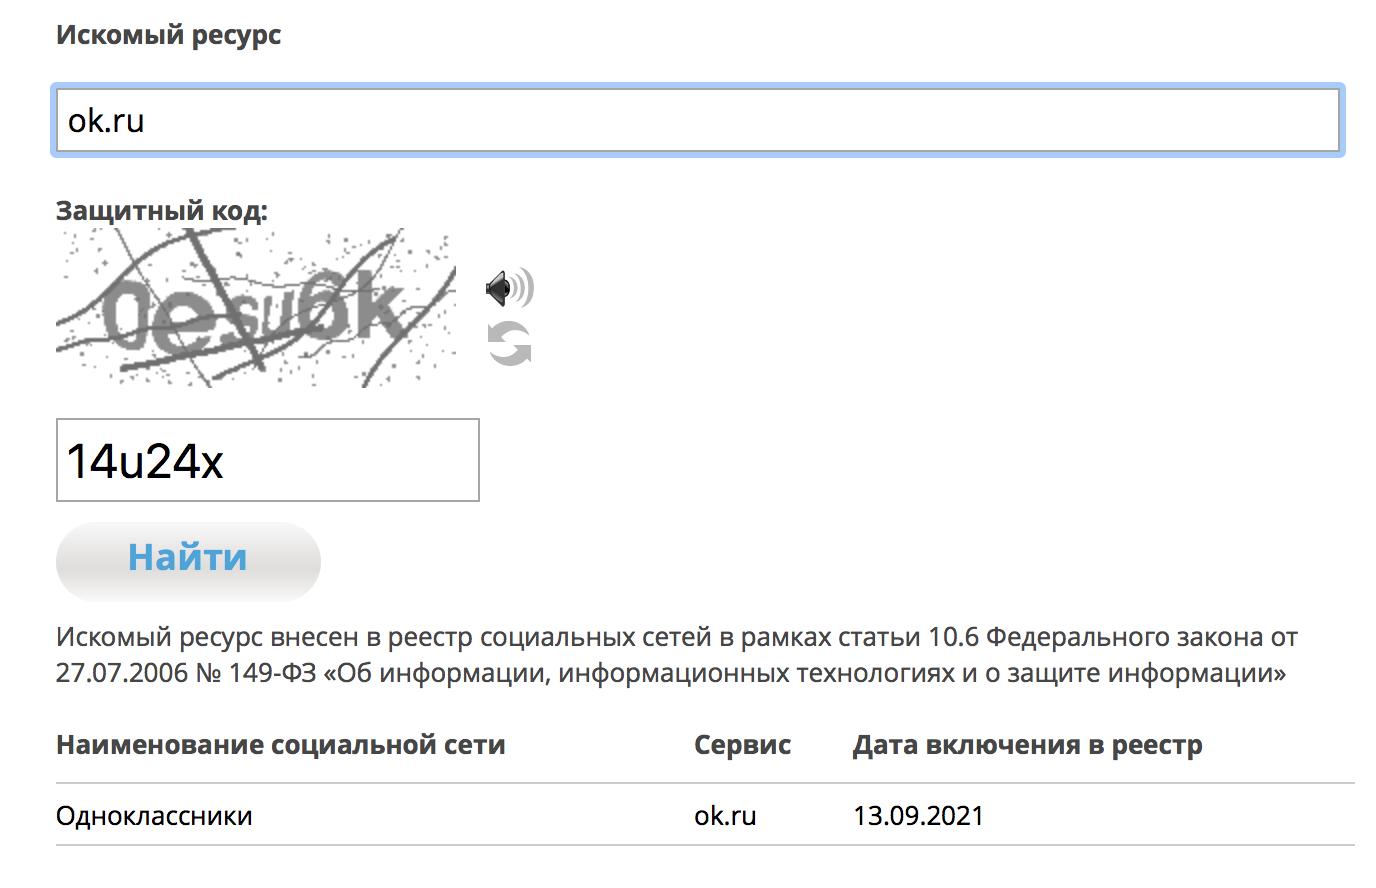 Роскомнадзор приступил к формированию реестра социальных сетей